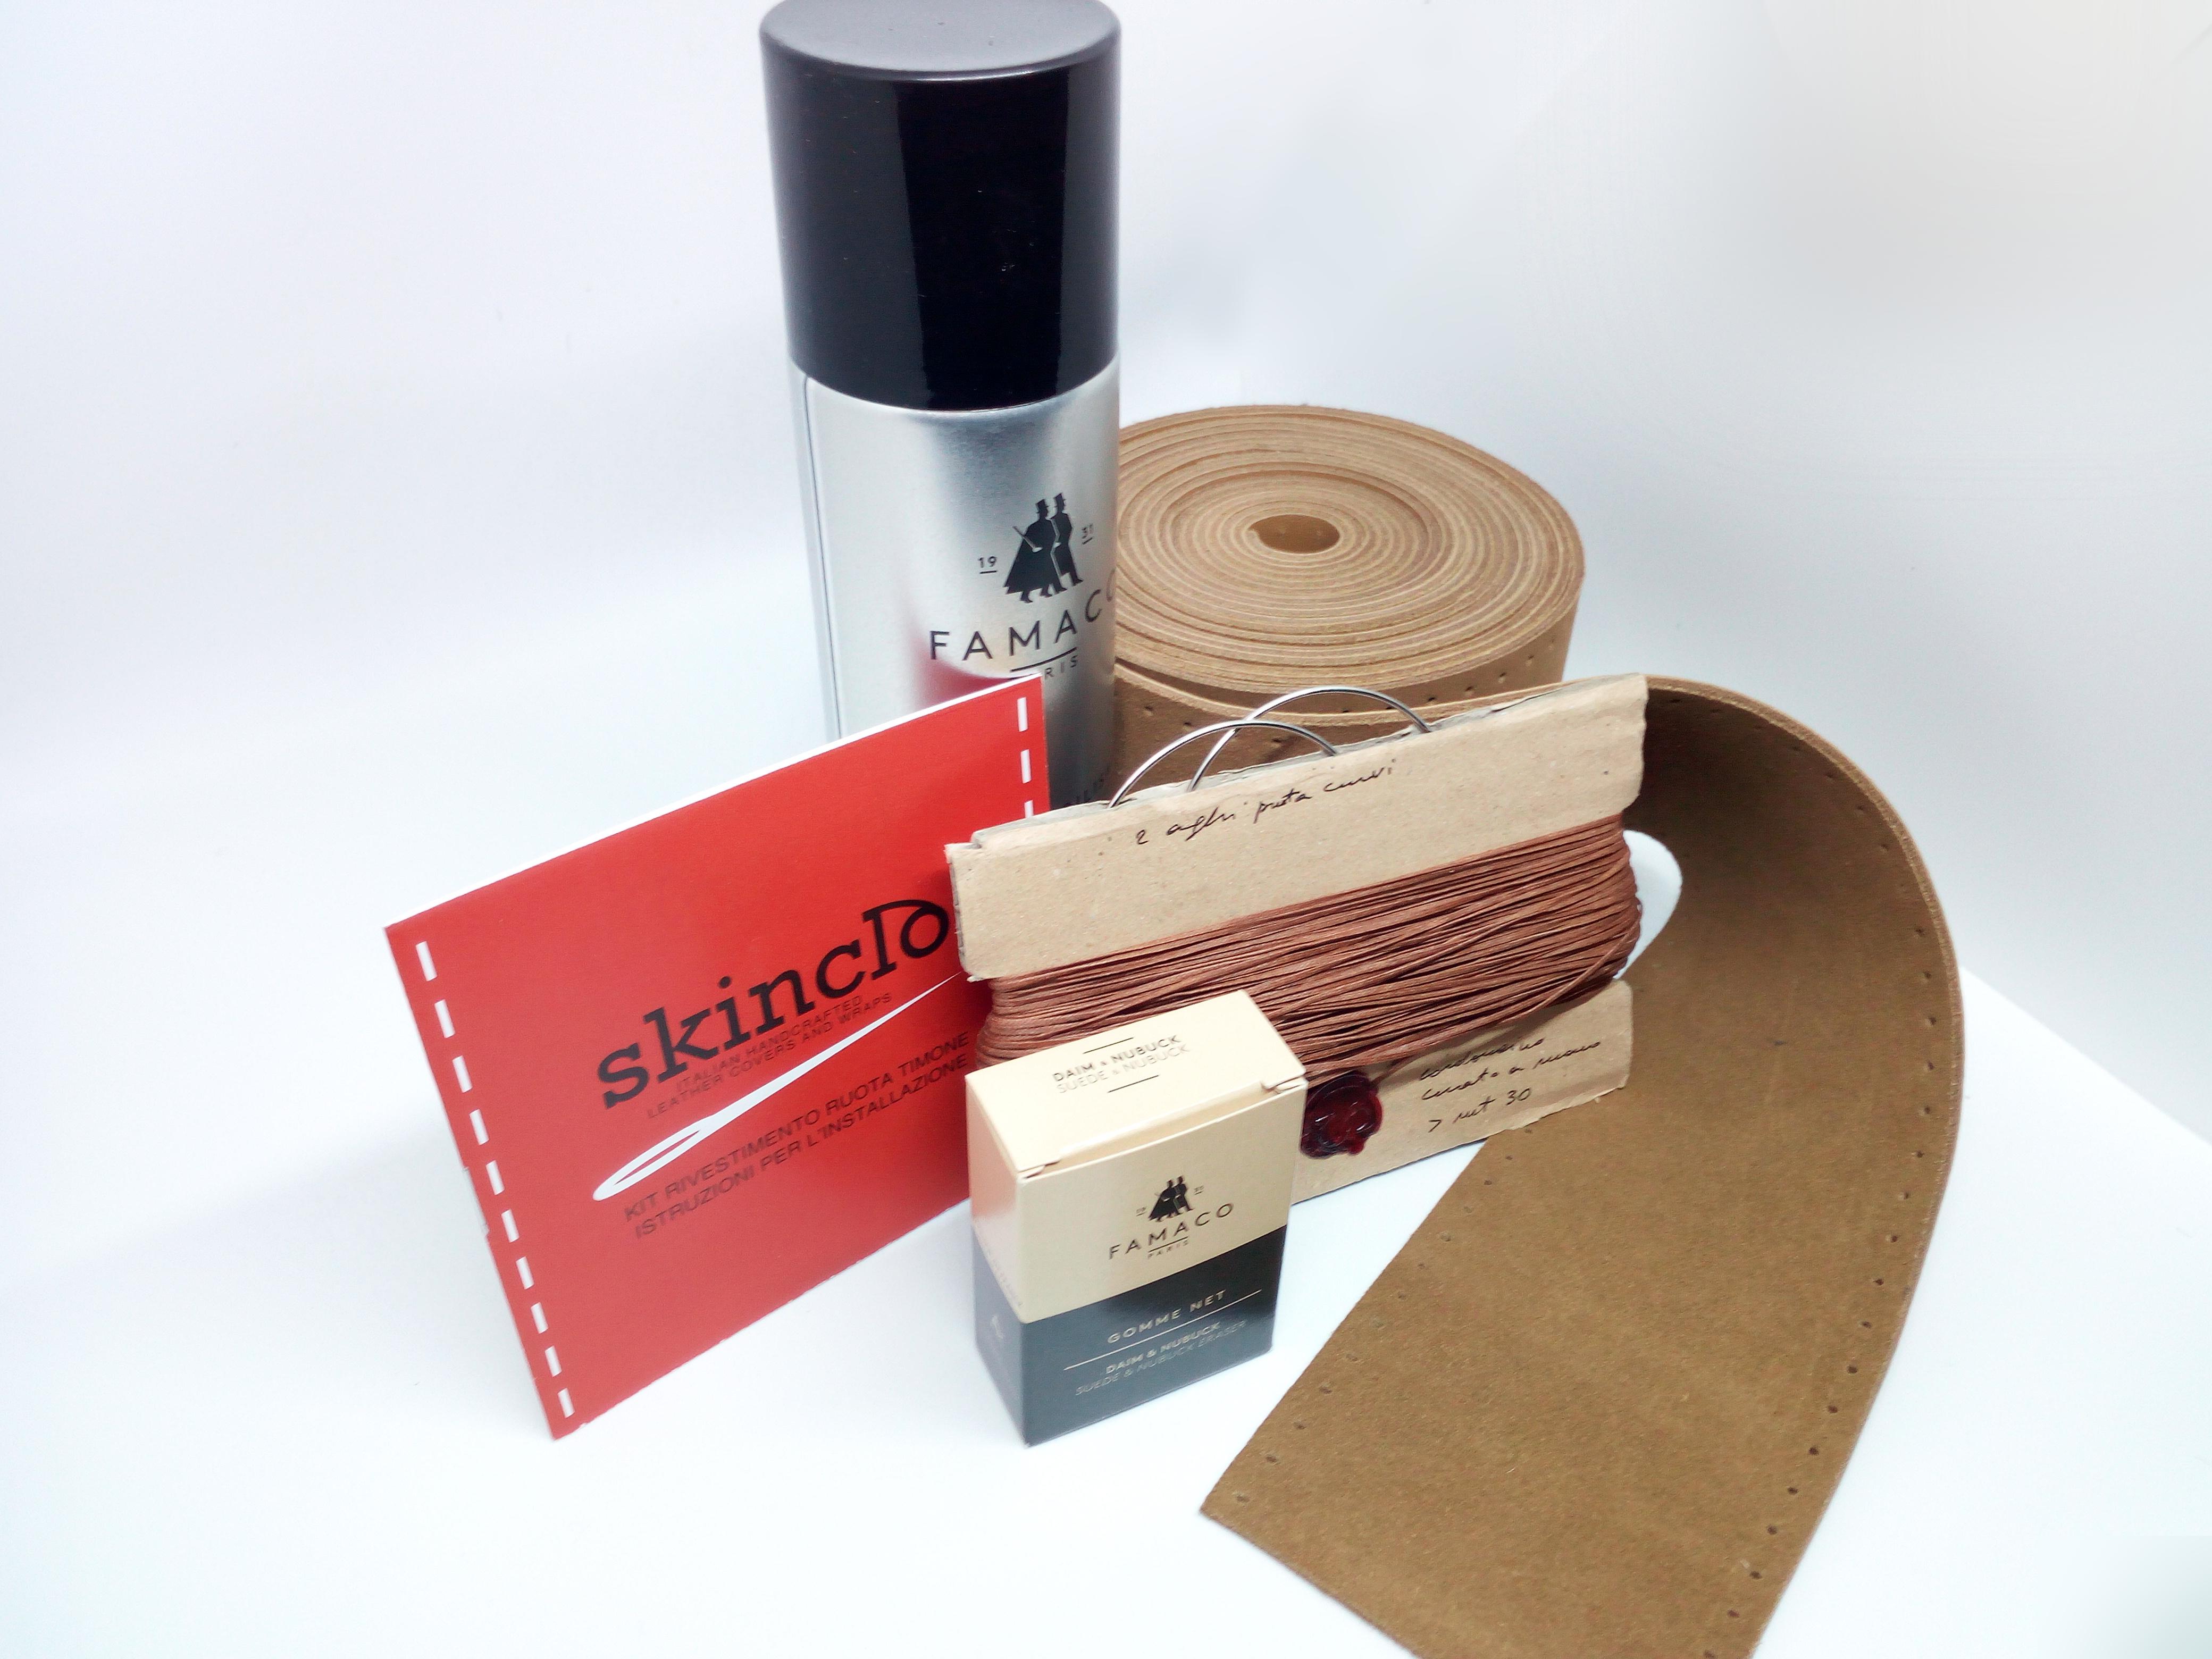 skincloshop-kit skinclo rivestimento ruote timone Skinclò Italian Handcrafted